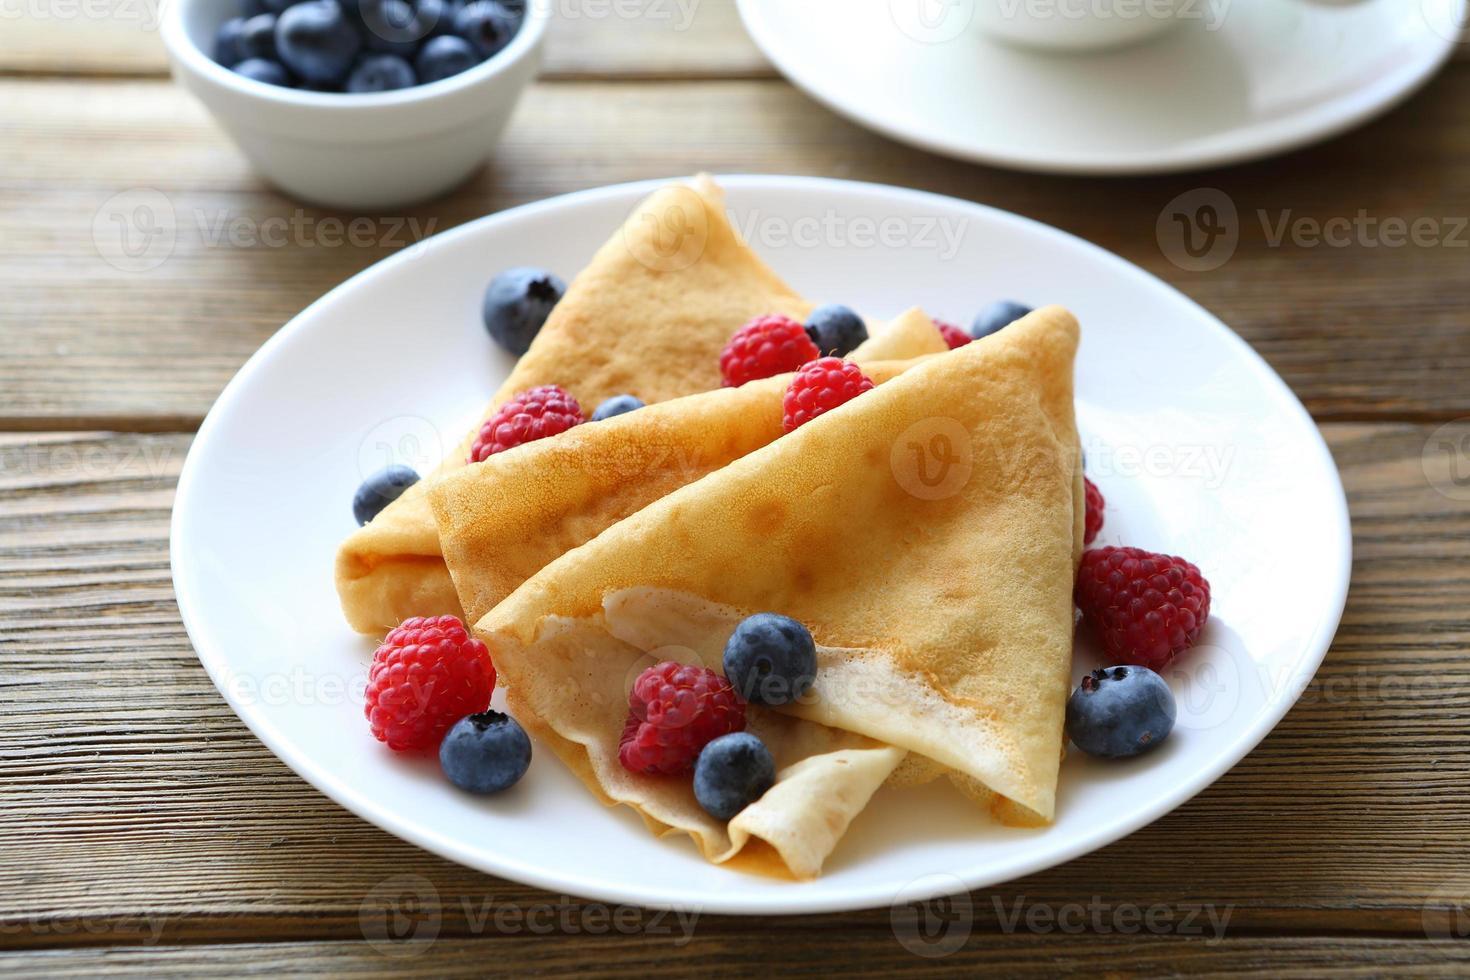 pannenkoeken met frambozen, bosbessen, foto